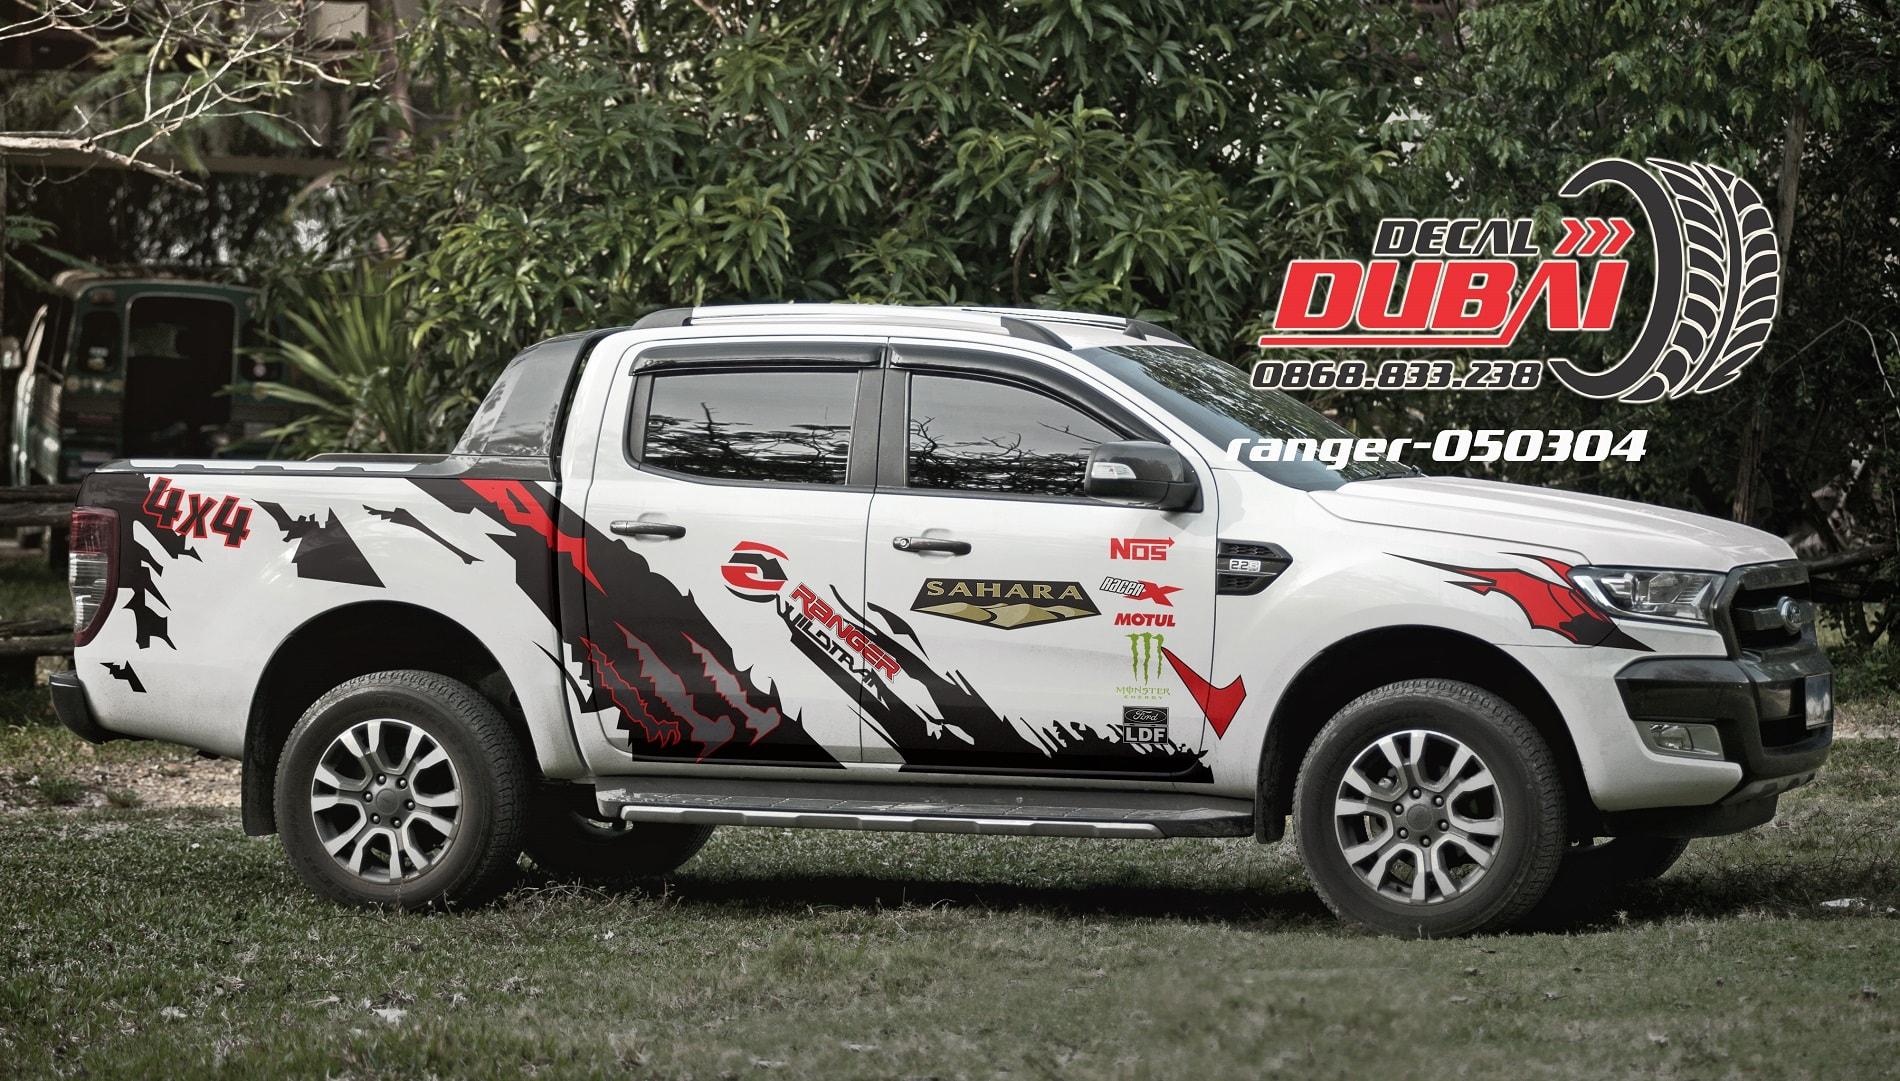 Tem-xe-ranger-050304-1450k-min